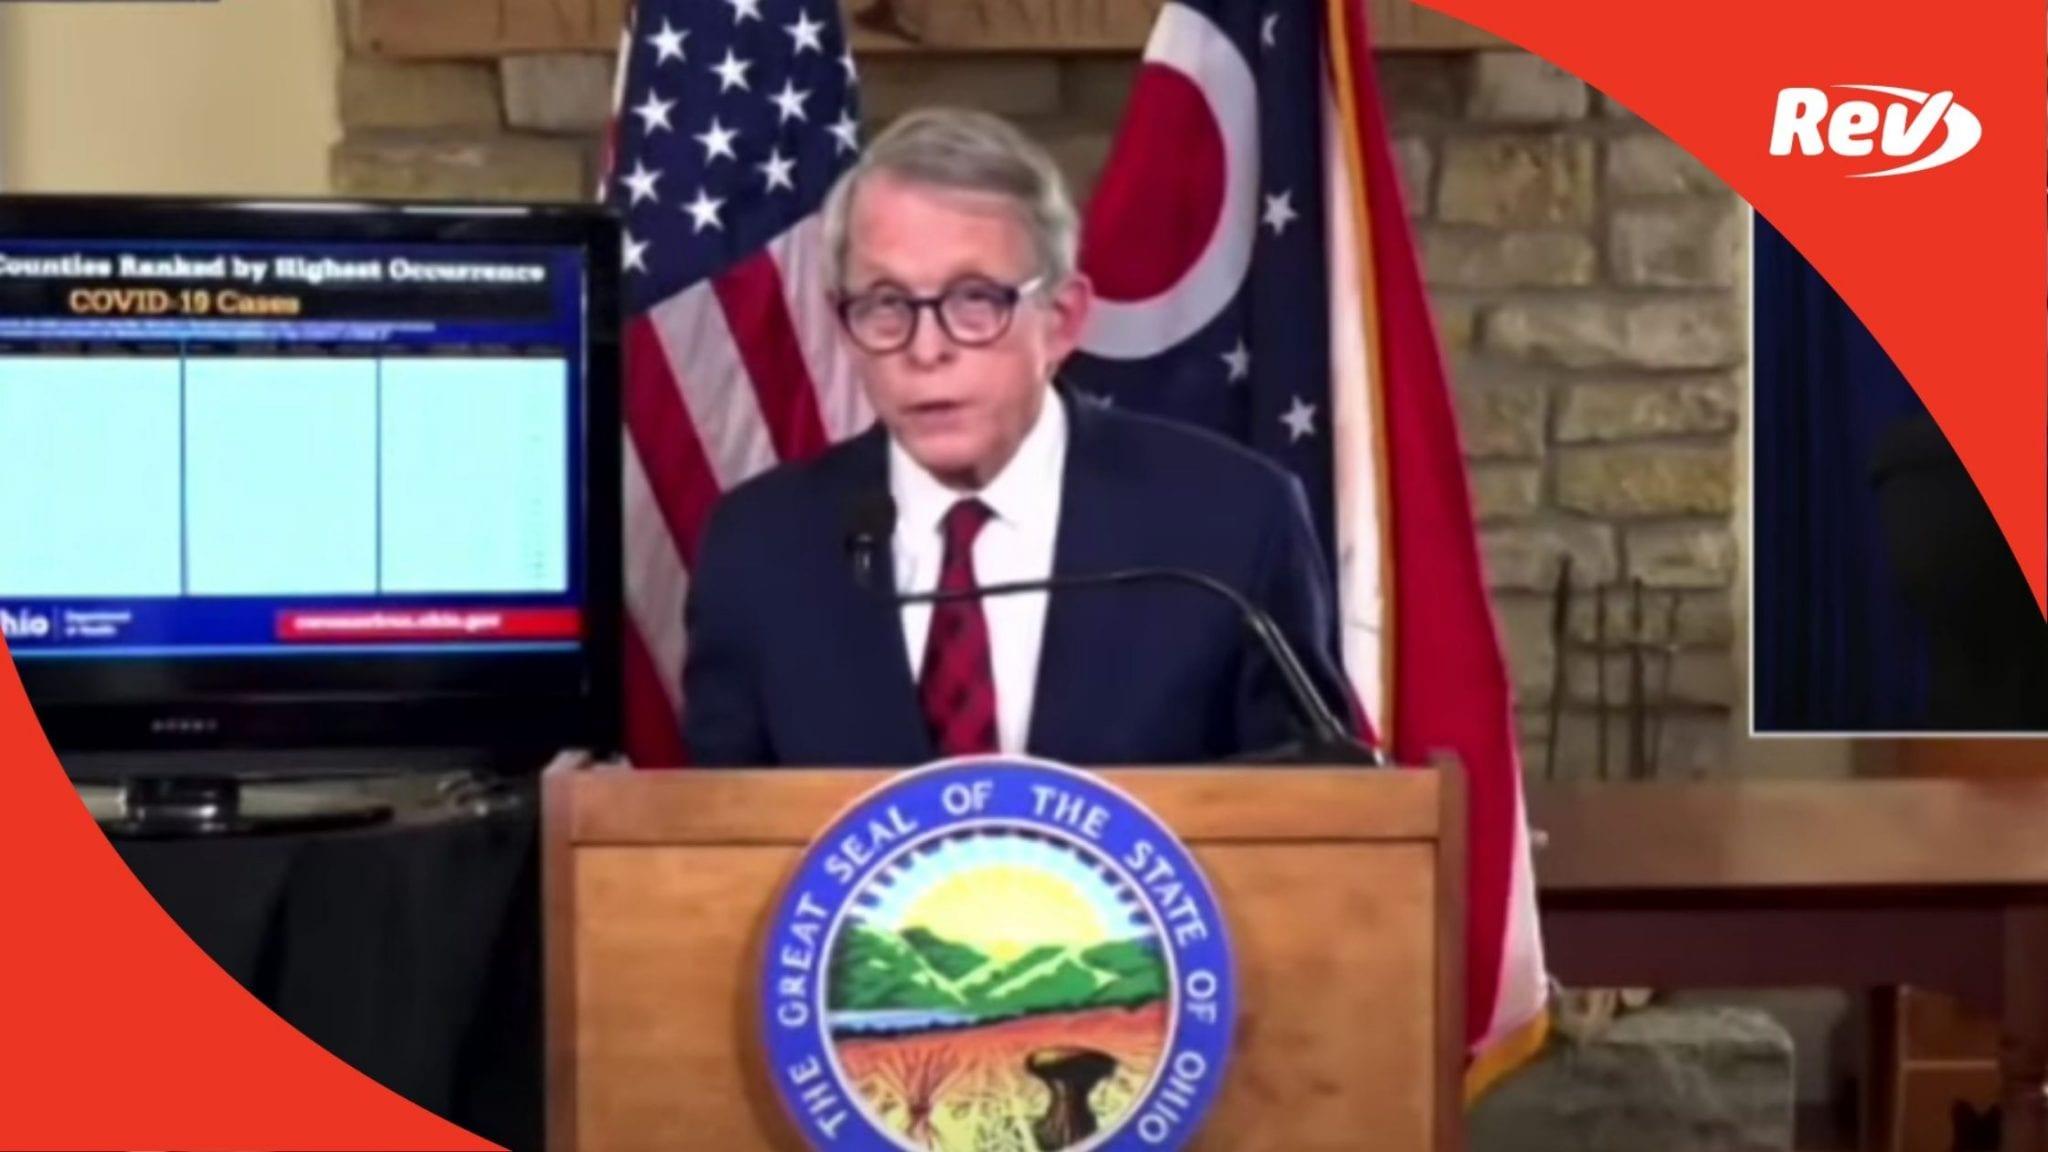 Ohio Gov. Mike DeWine COVID-19 Press Conference Transcript December 3